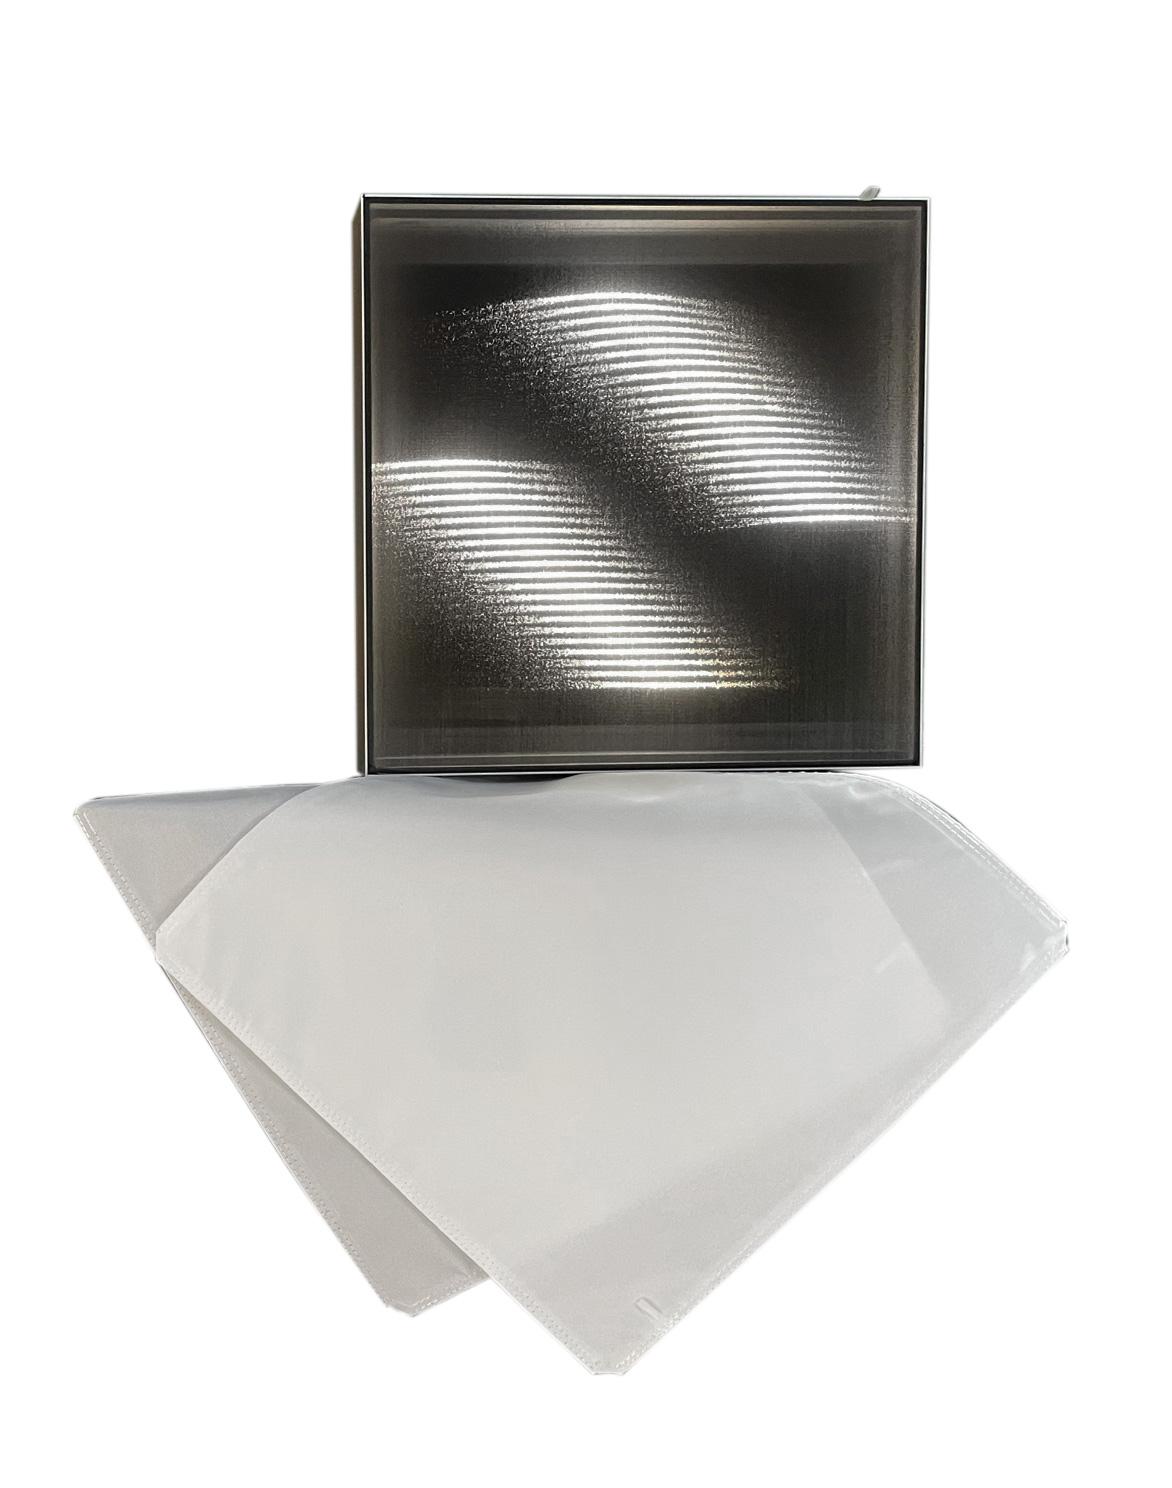 Musterrahmen Set von ETTLIN LUX mit lichttechnischen Textilien